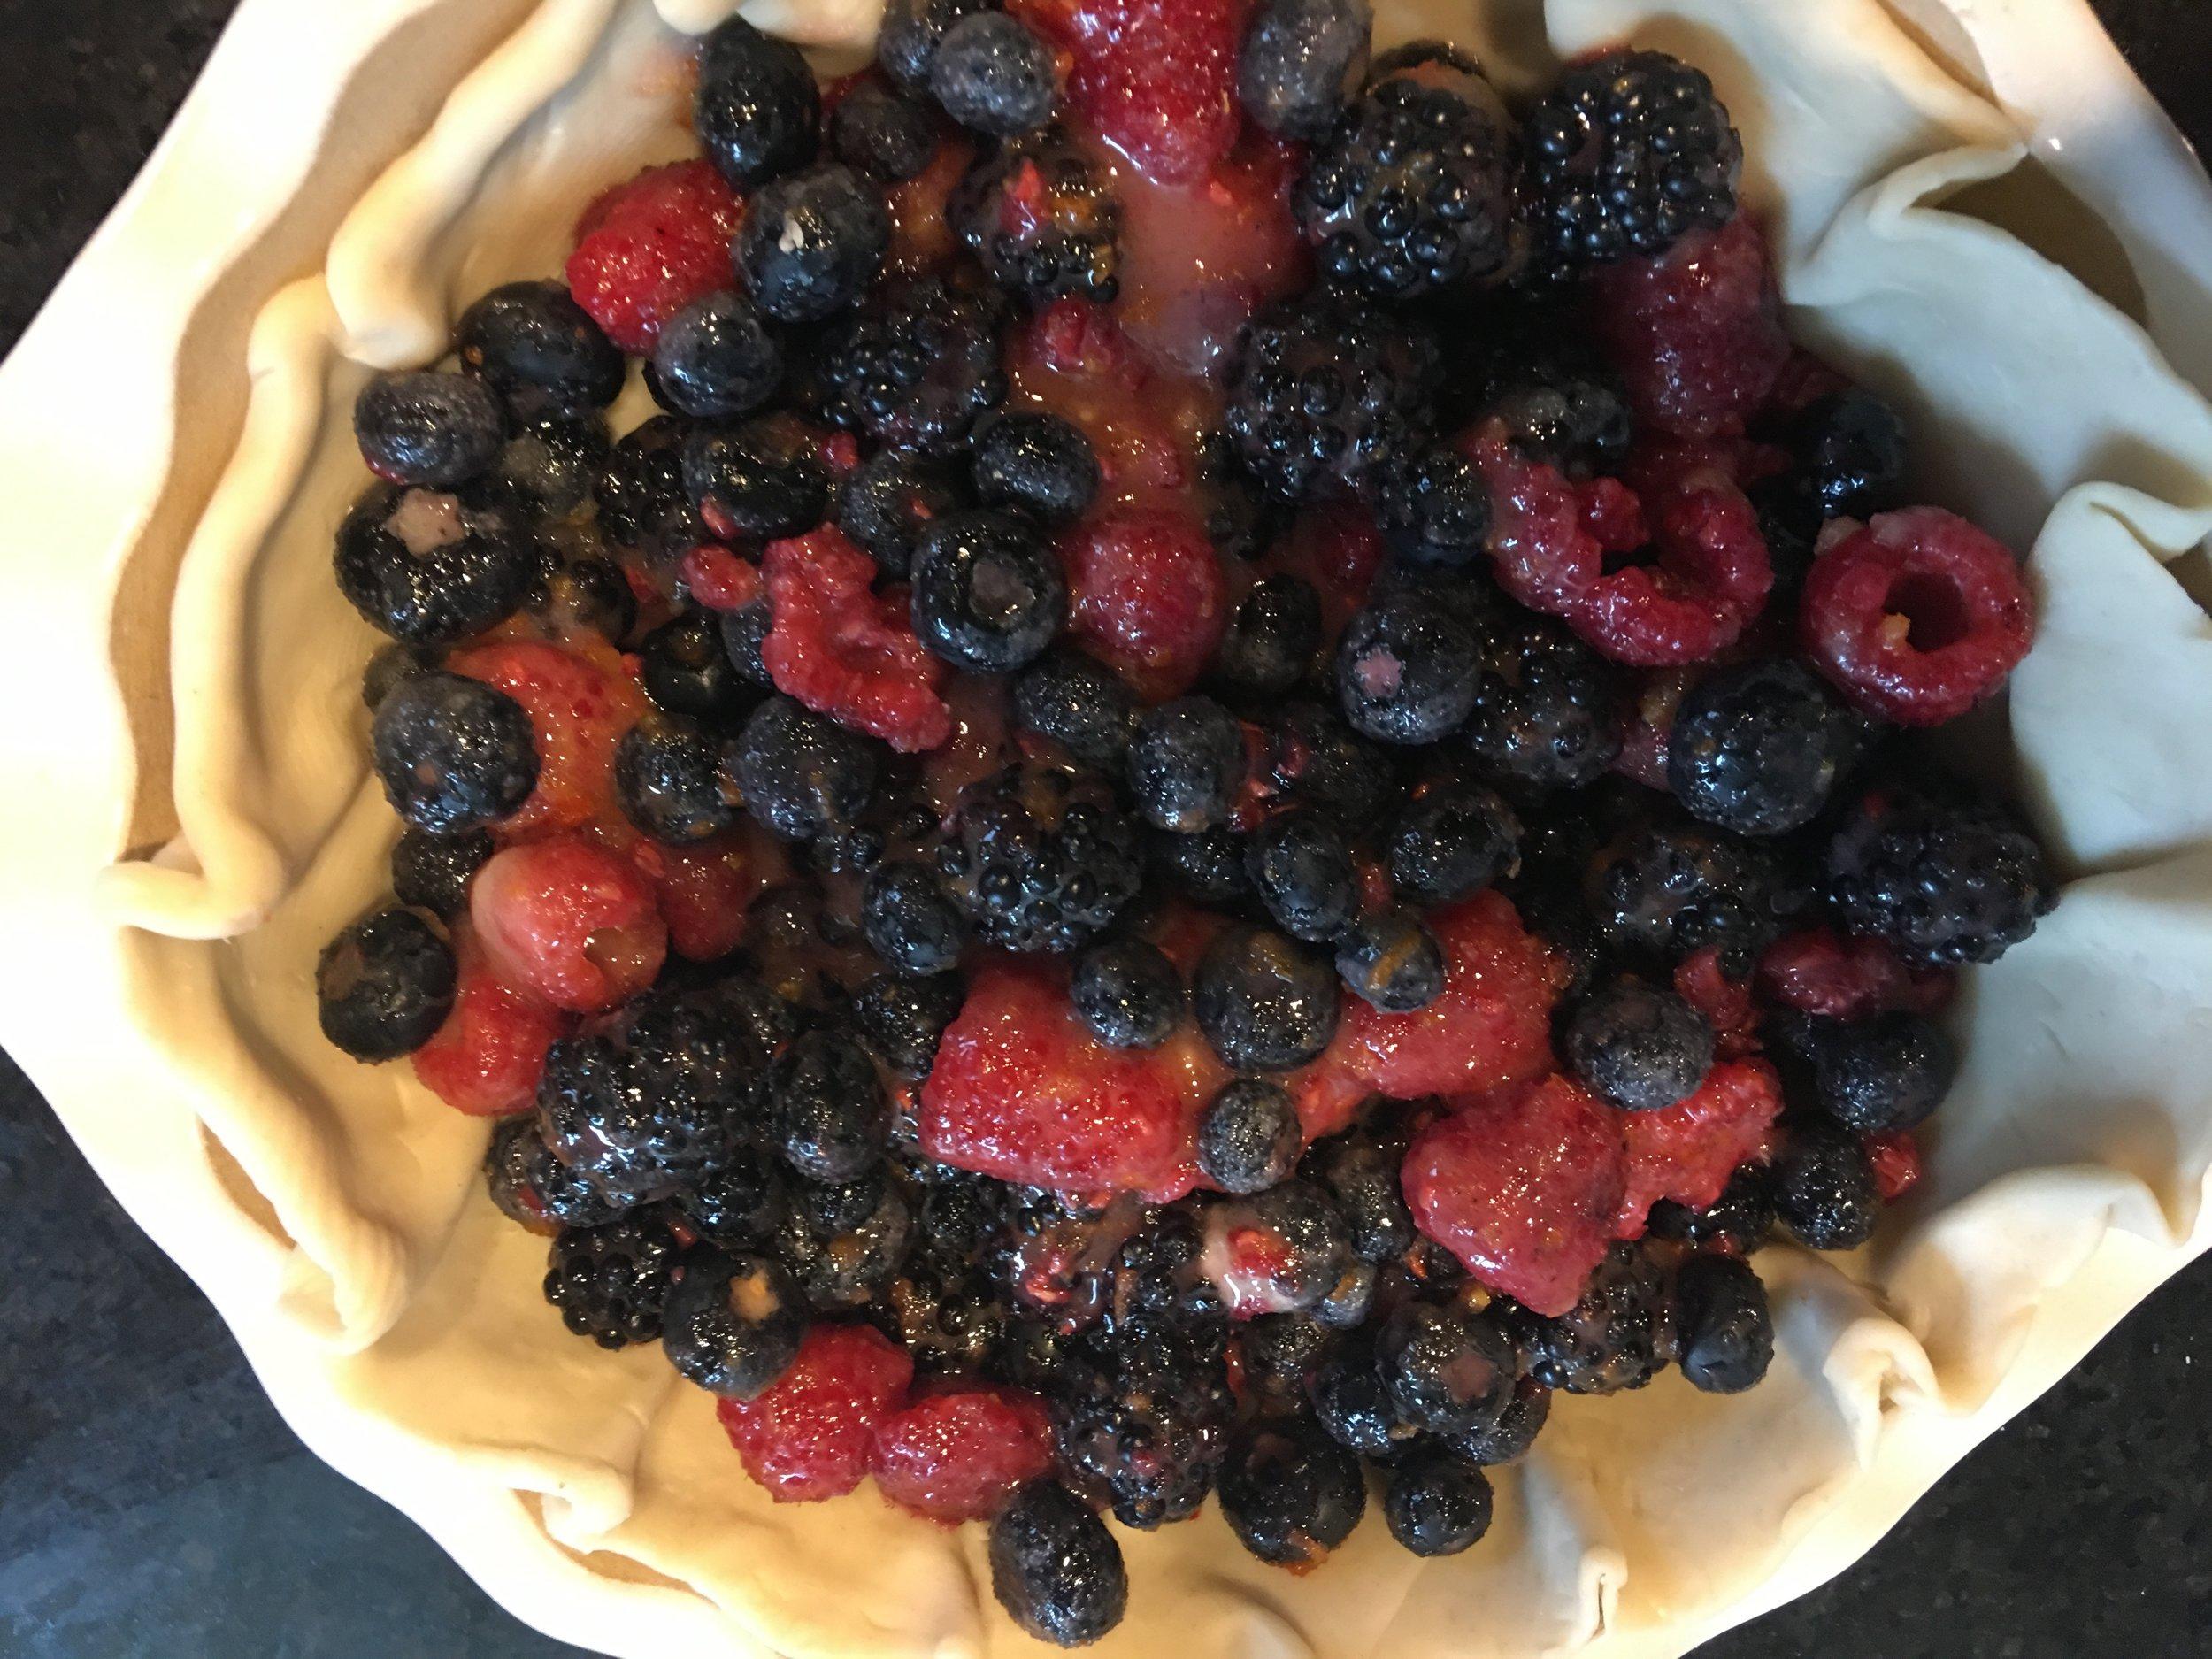 Many Berry Pie